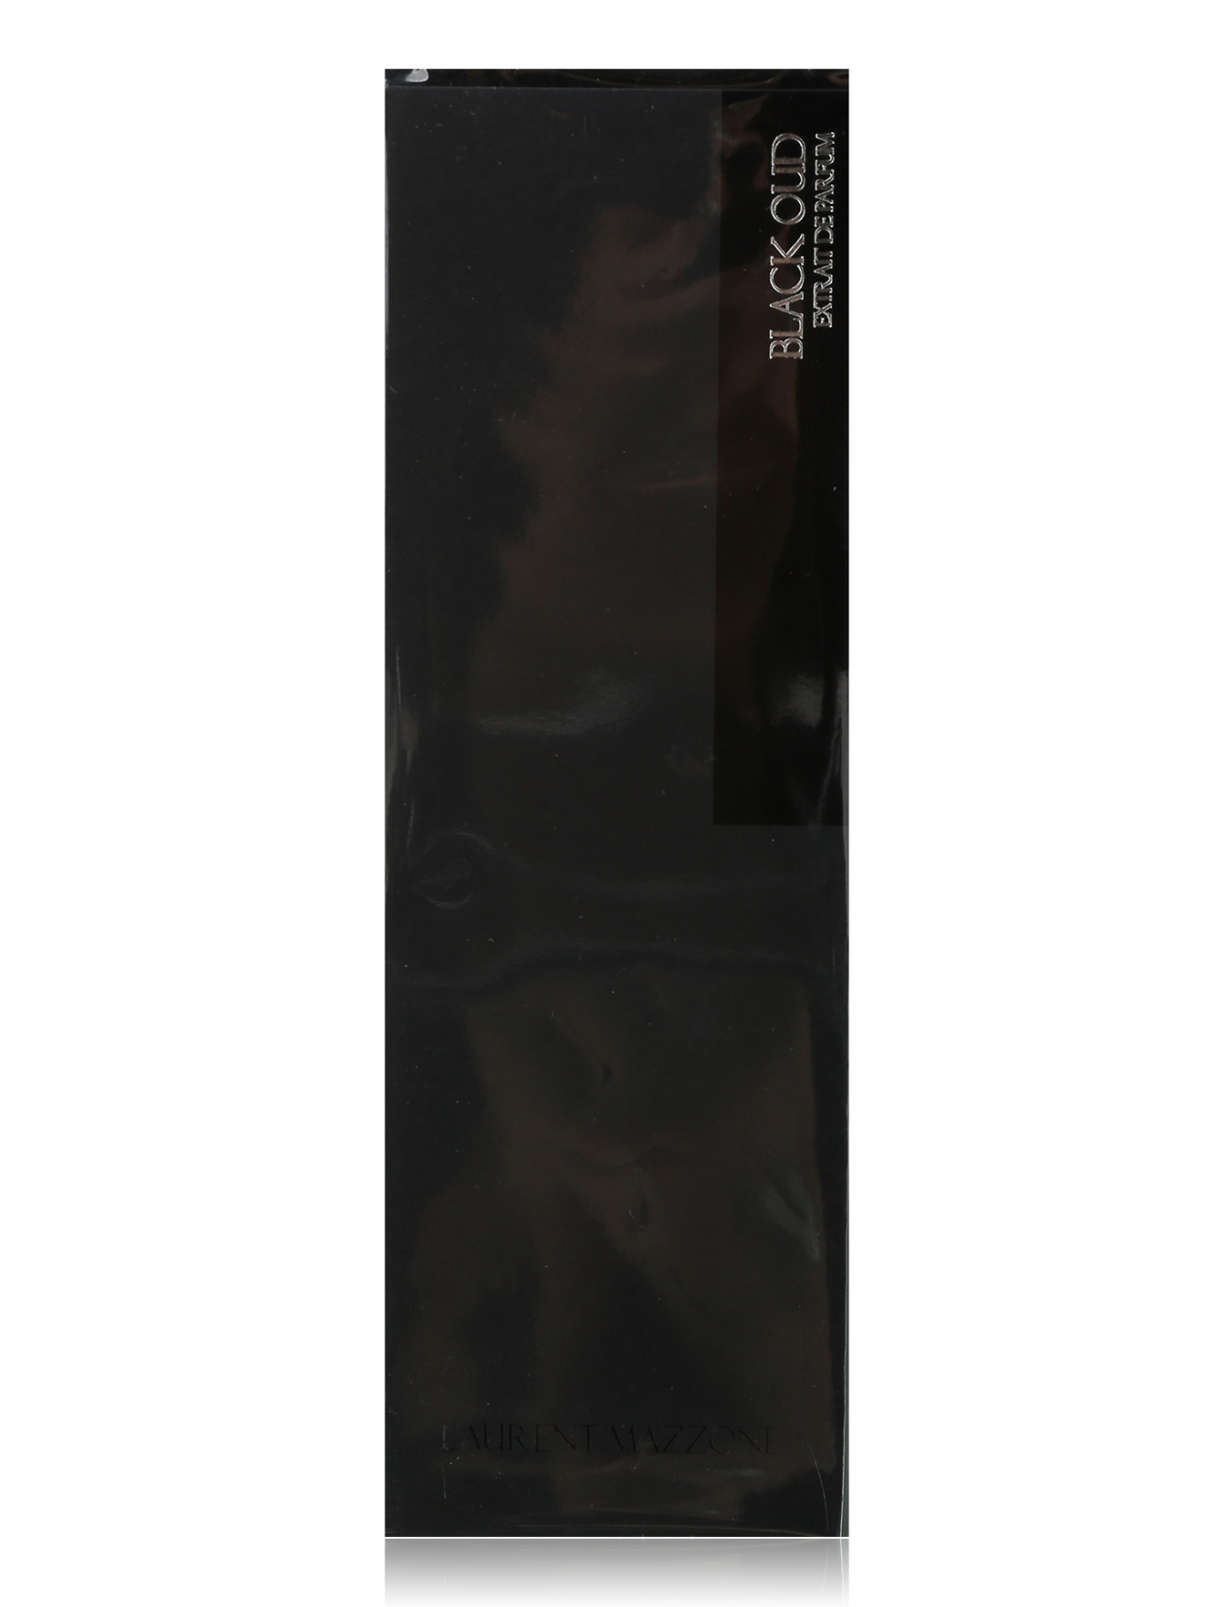 Духи экстракт - Black Oud, 100ml LM Parfums  –  Общий вид